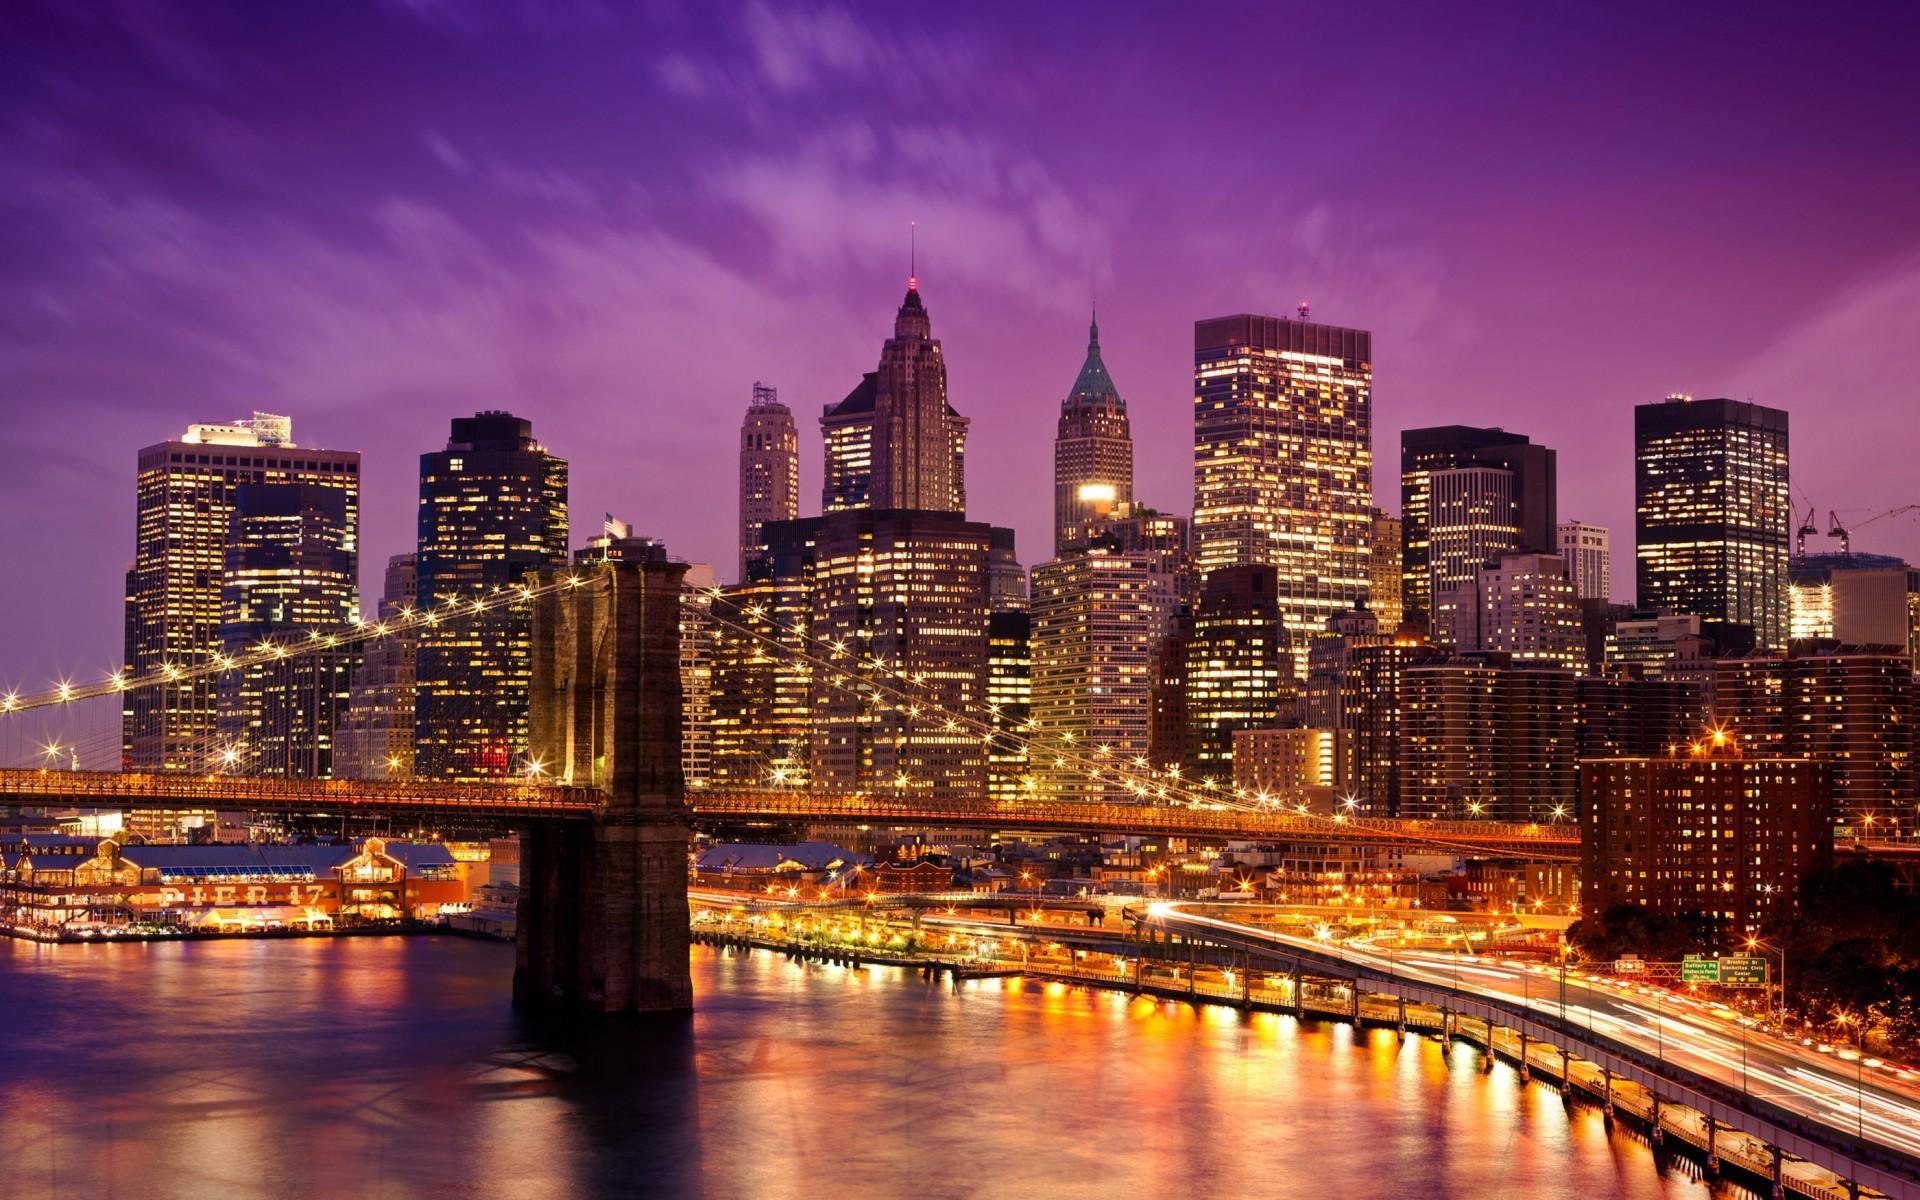 Desktop Backgrounds Cities (30 Wallpapers)